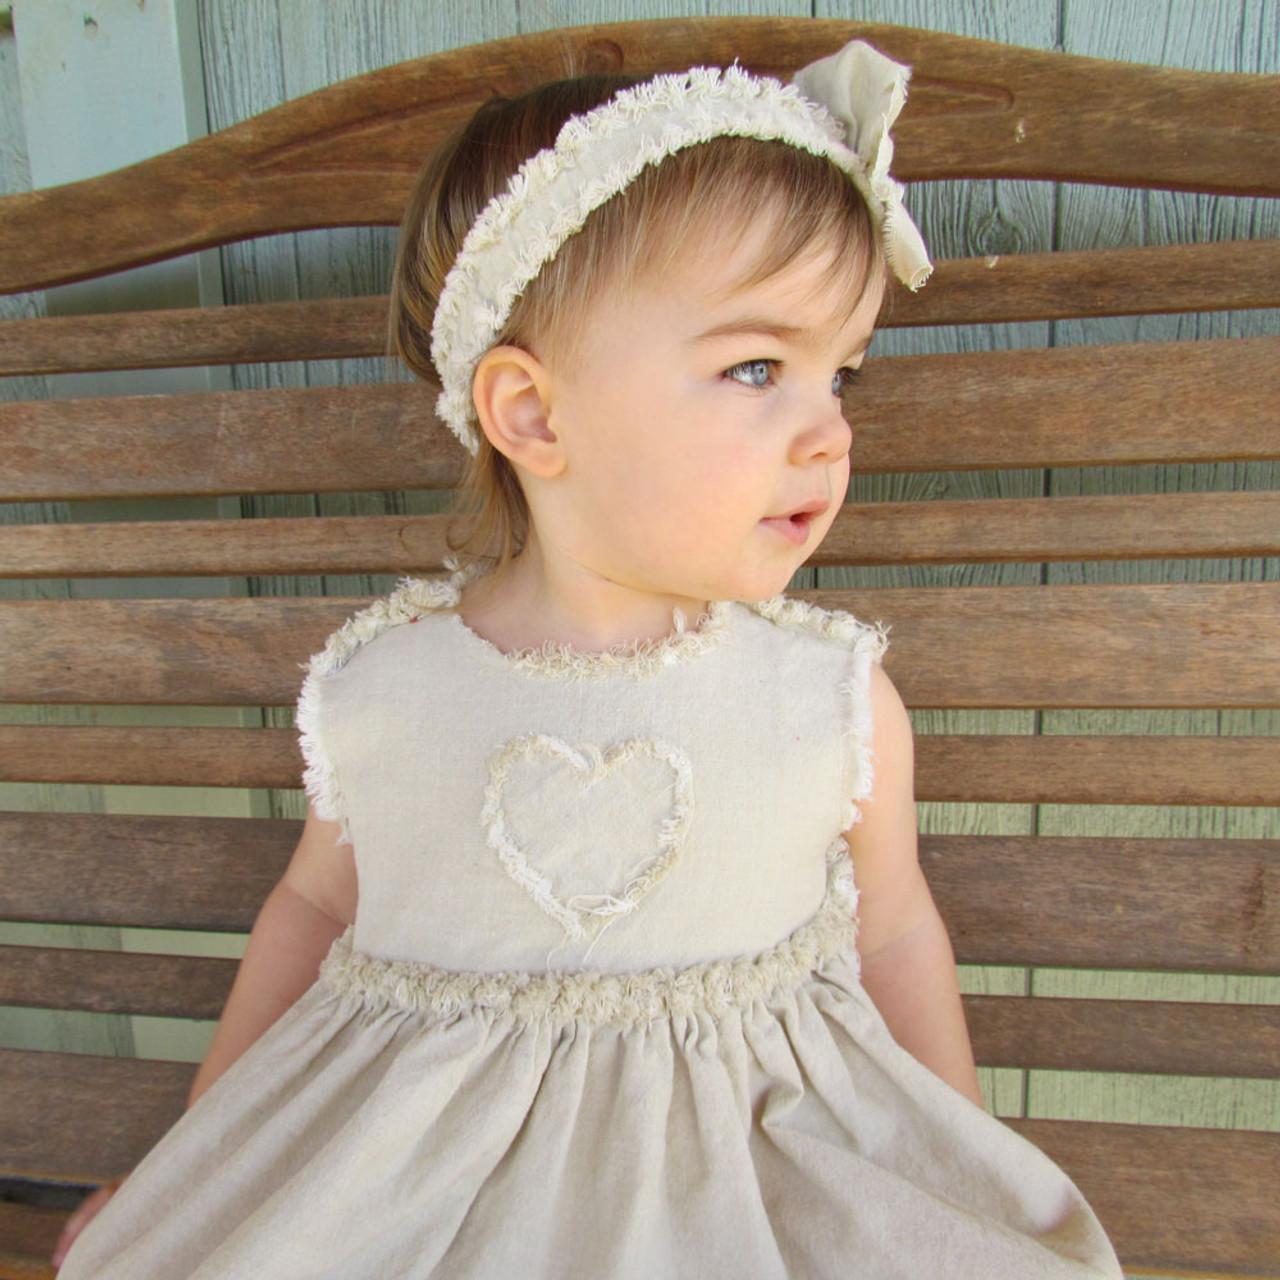 Ruthie Ragged Homespun Toddler Girls Dress, Bloomers & Headband Pattern